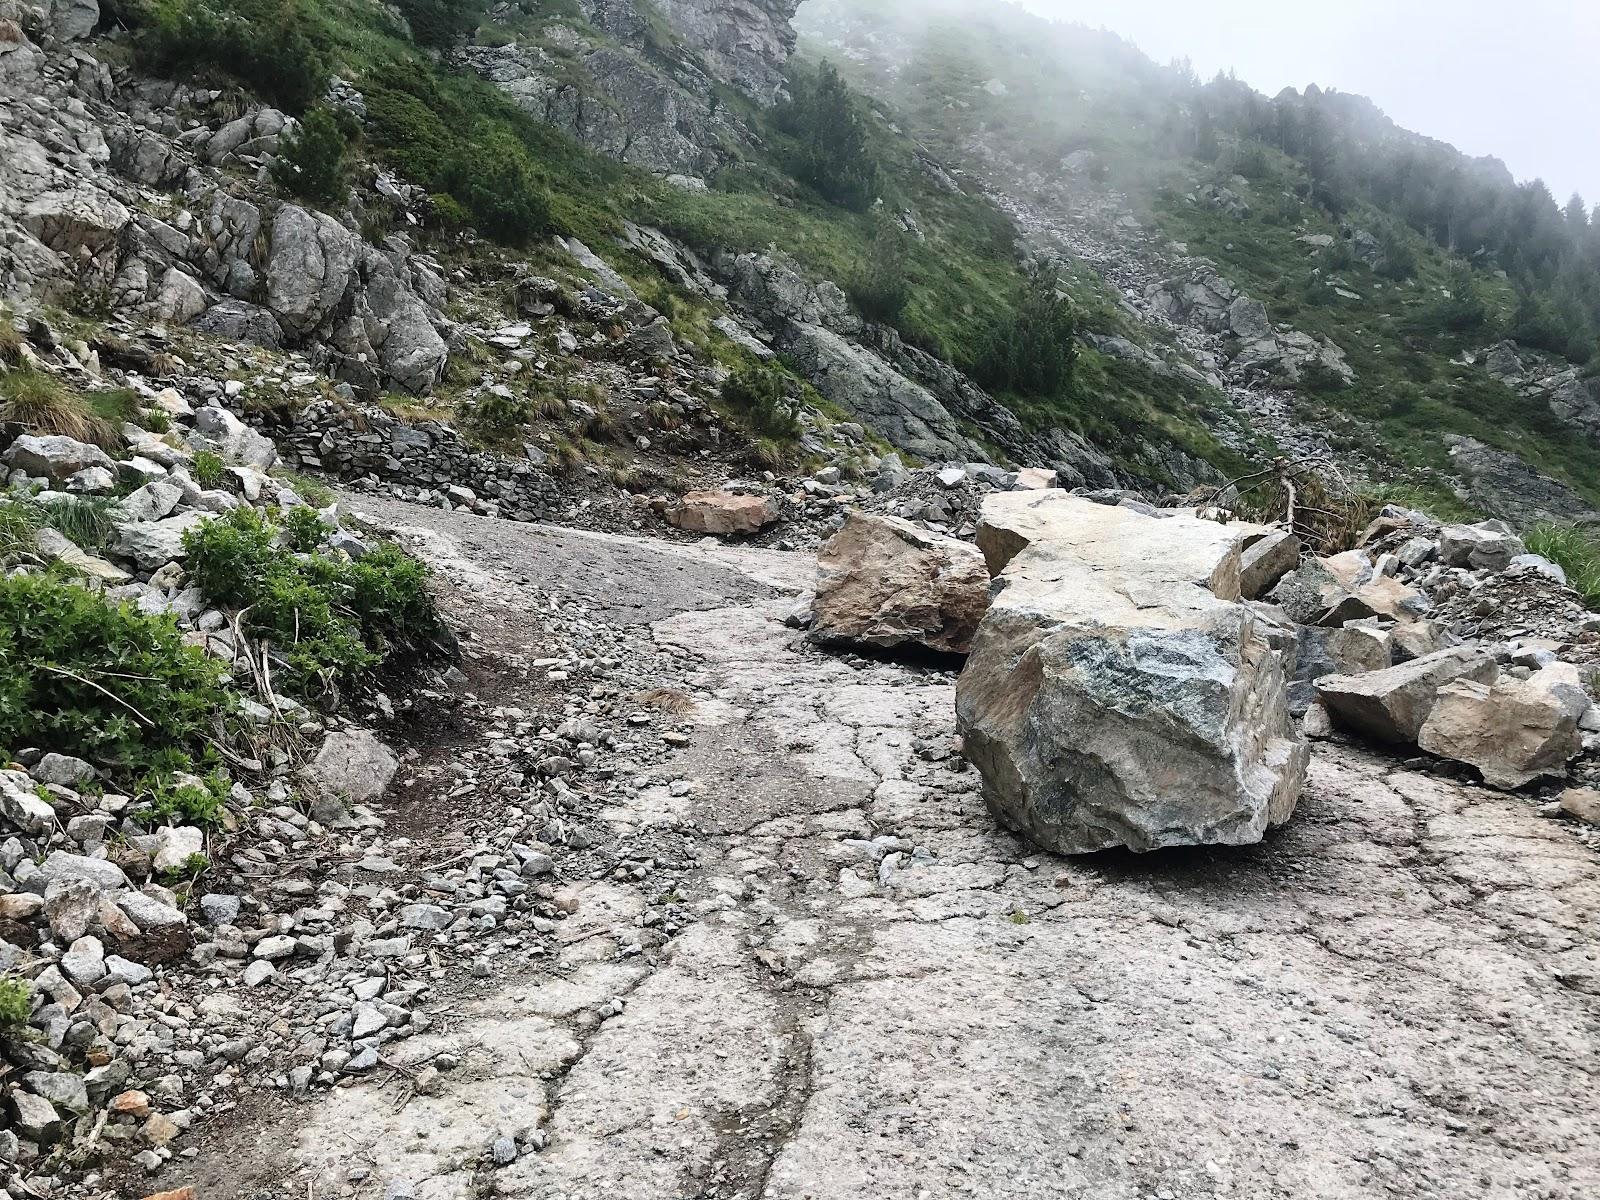 Rocks on road on Rila bike climb